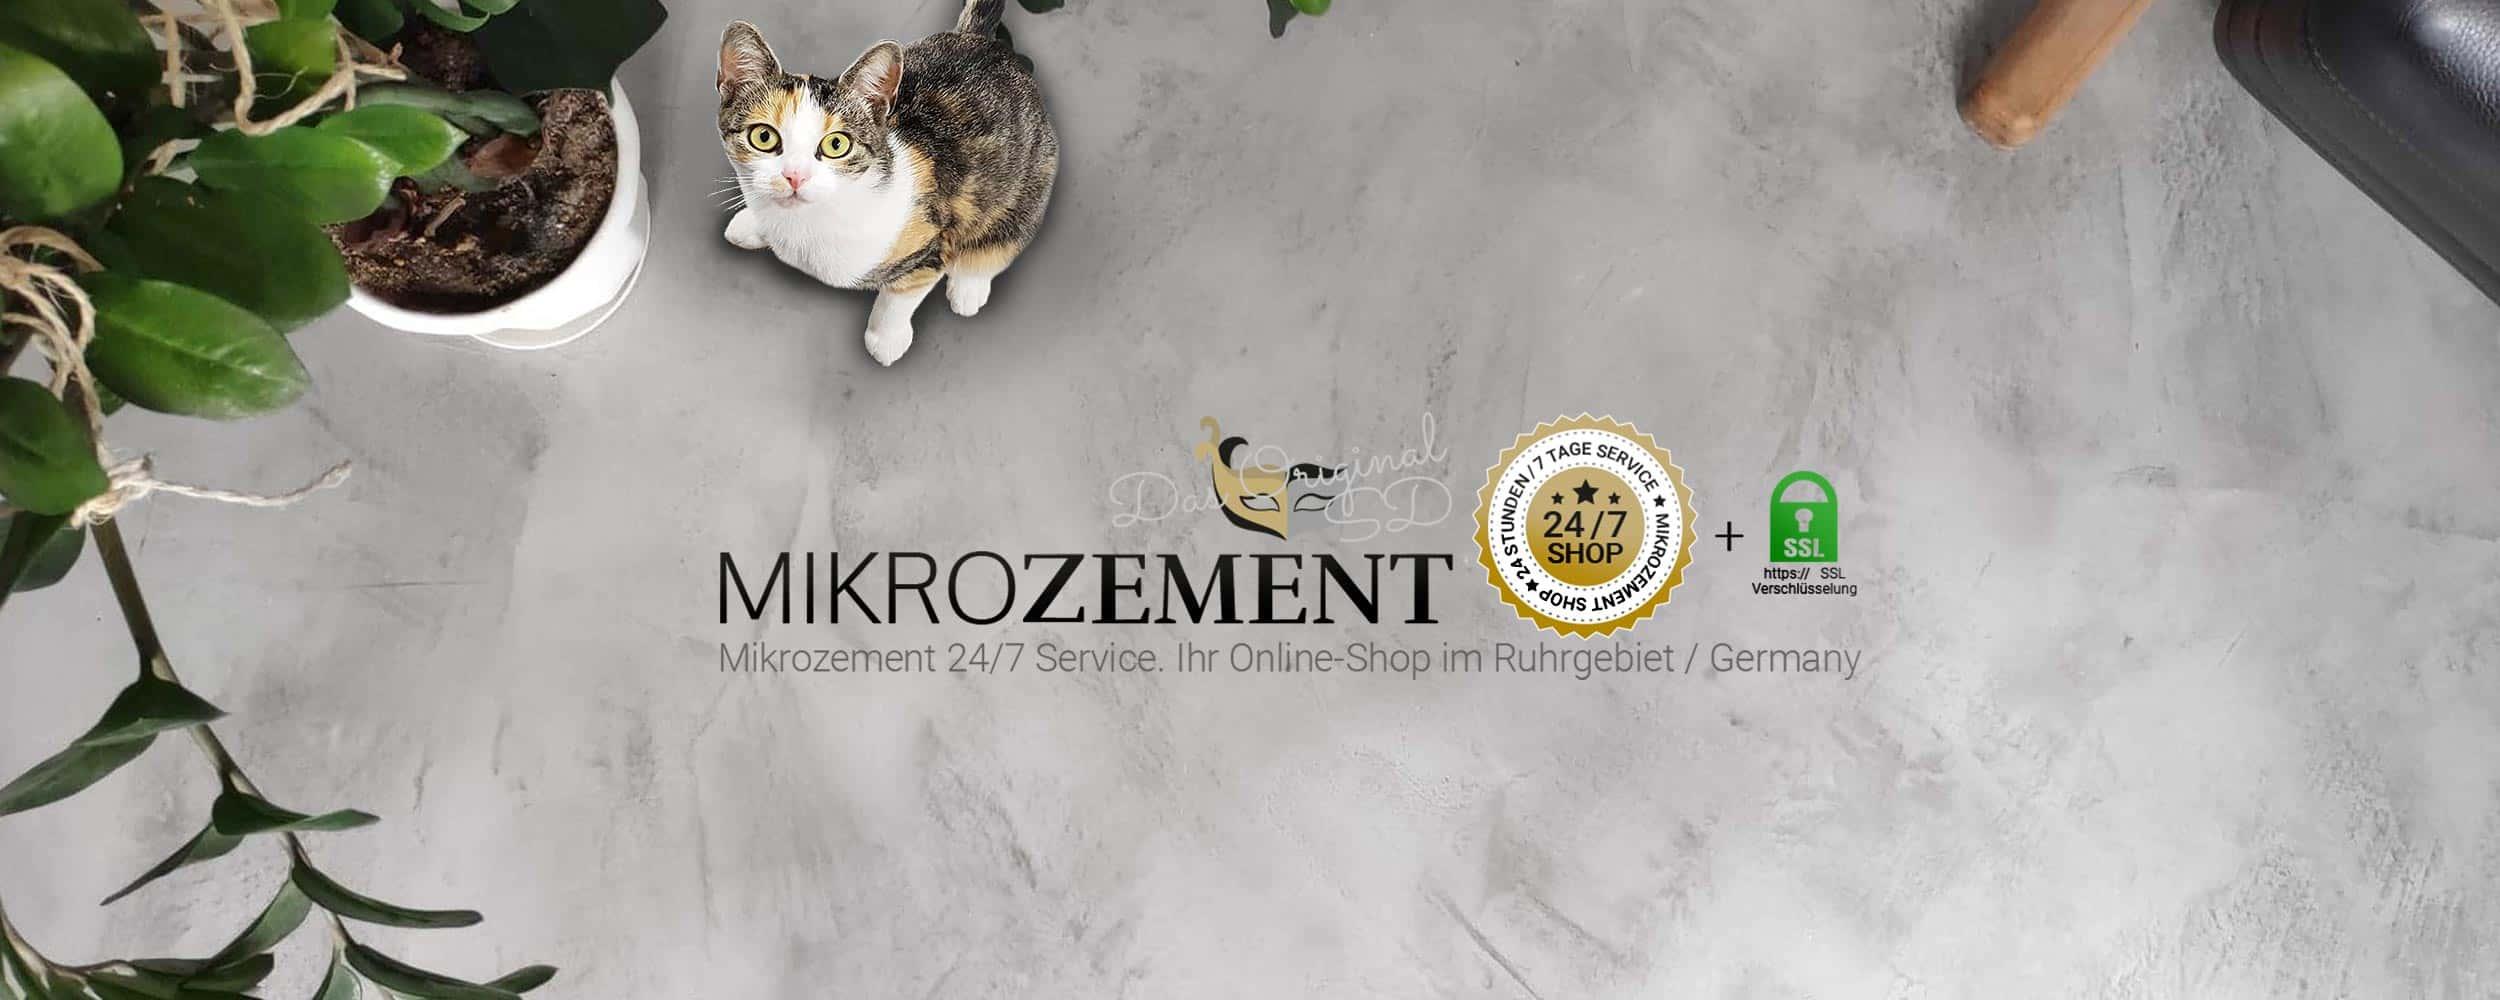 Mikrozemen Shop 24 / 7 Support